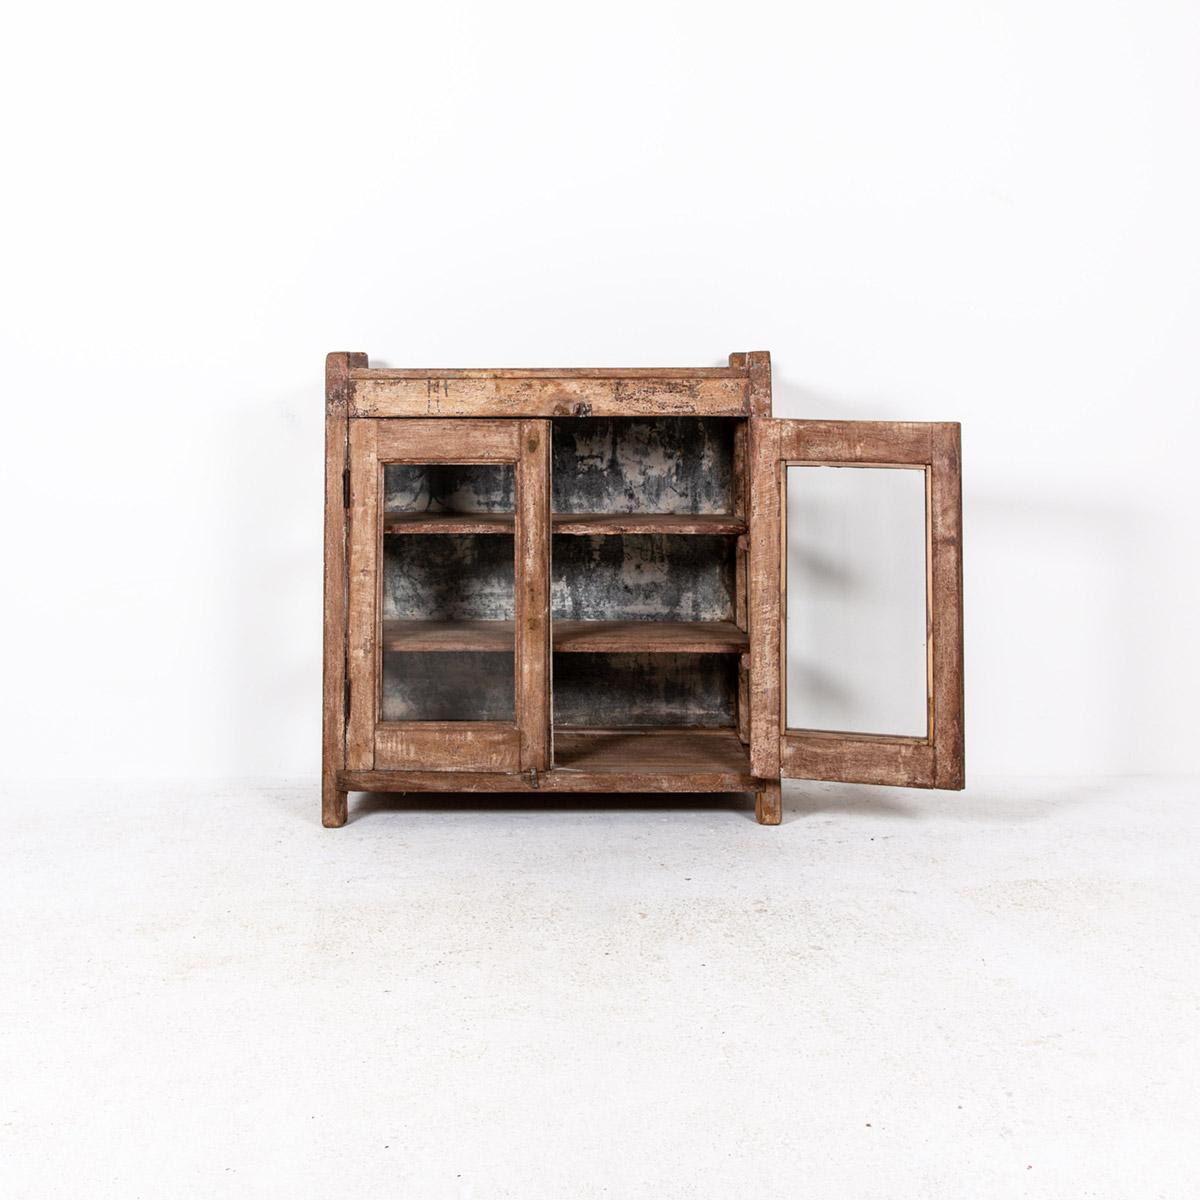 Lage-oude-glazen-kast-2-deuren-bruin-5